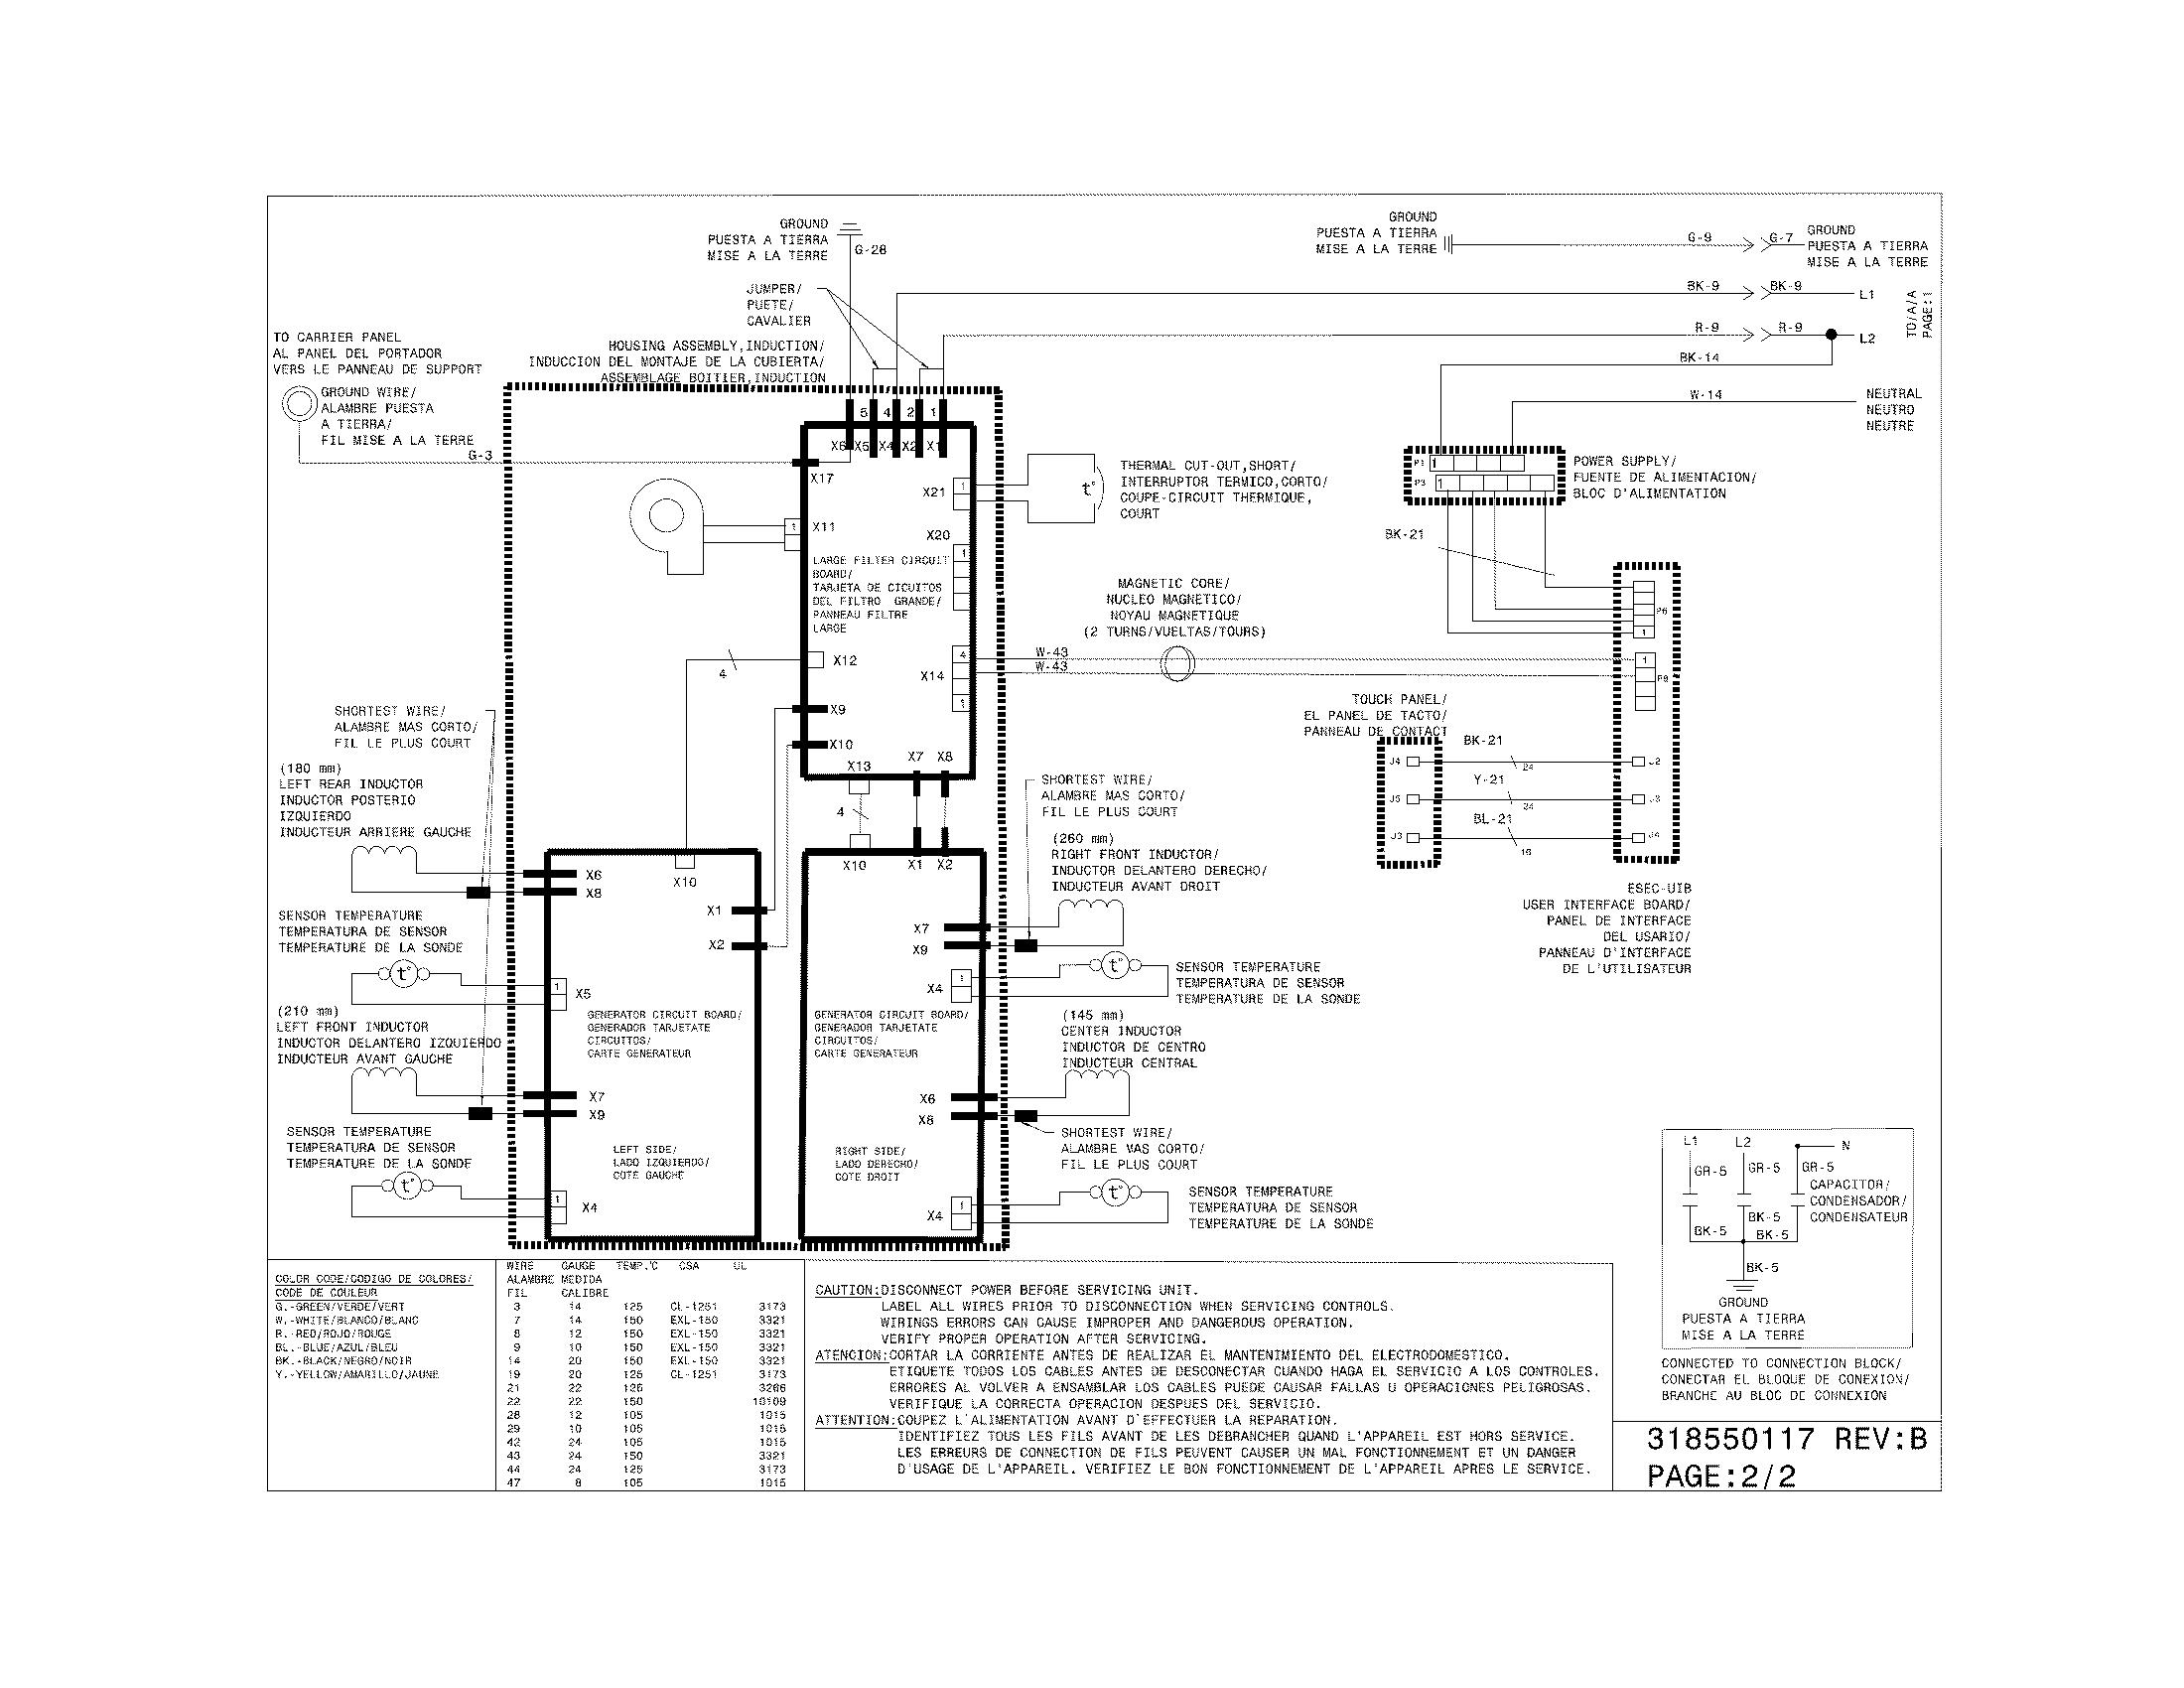 Electrolux model EW30IS65JSD slide-in range, electric